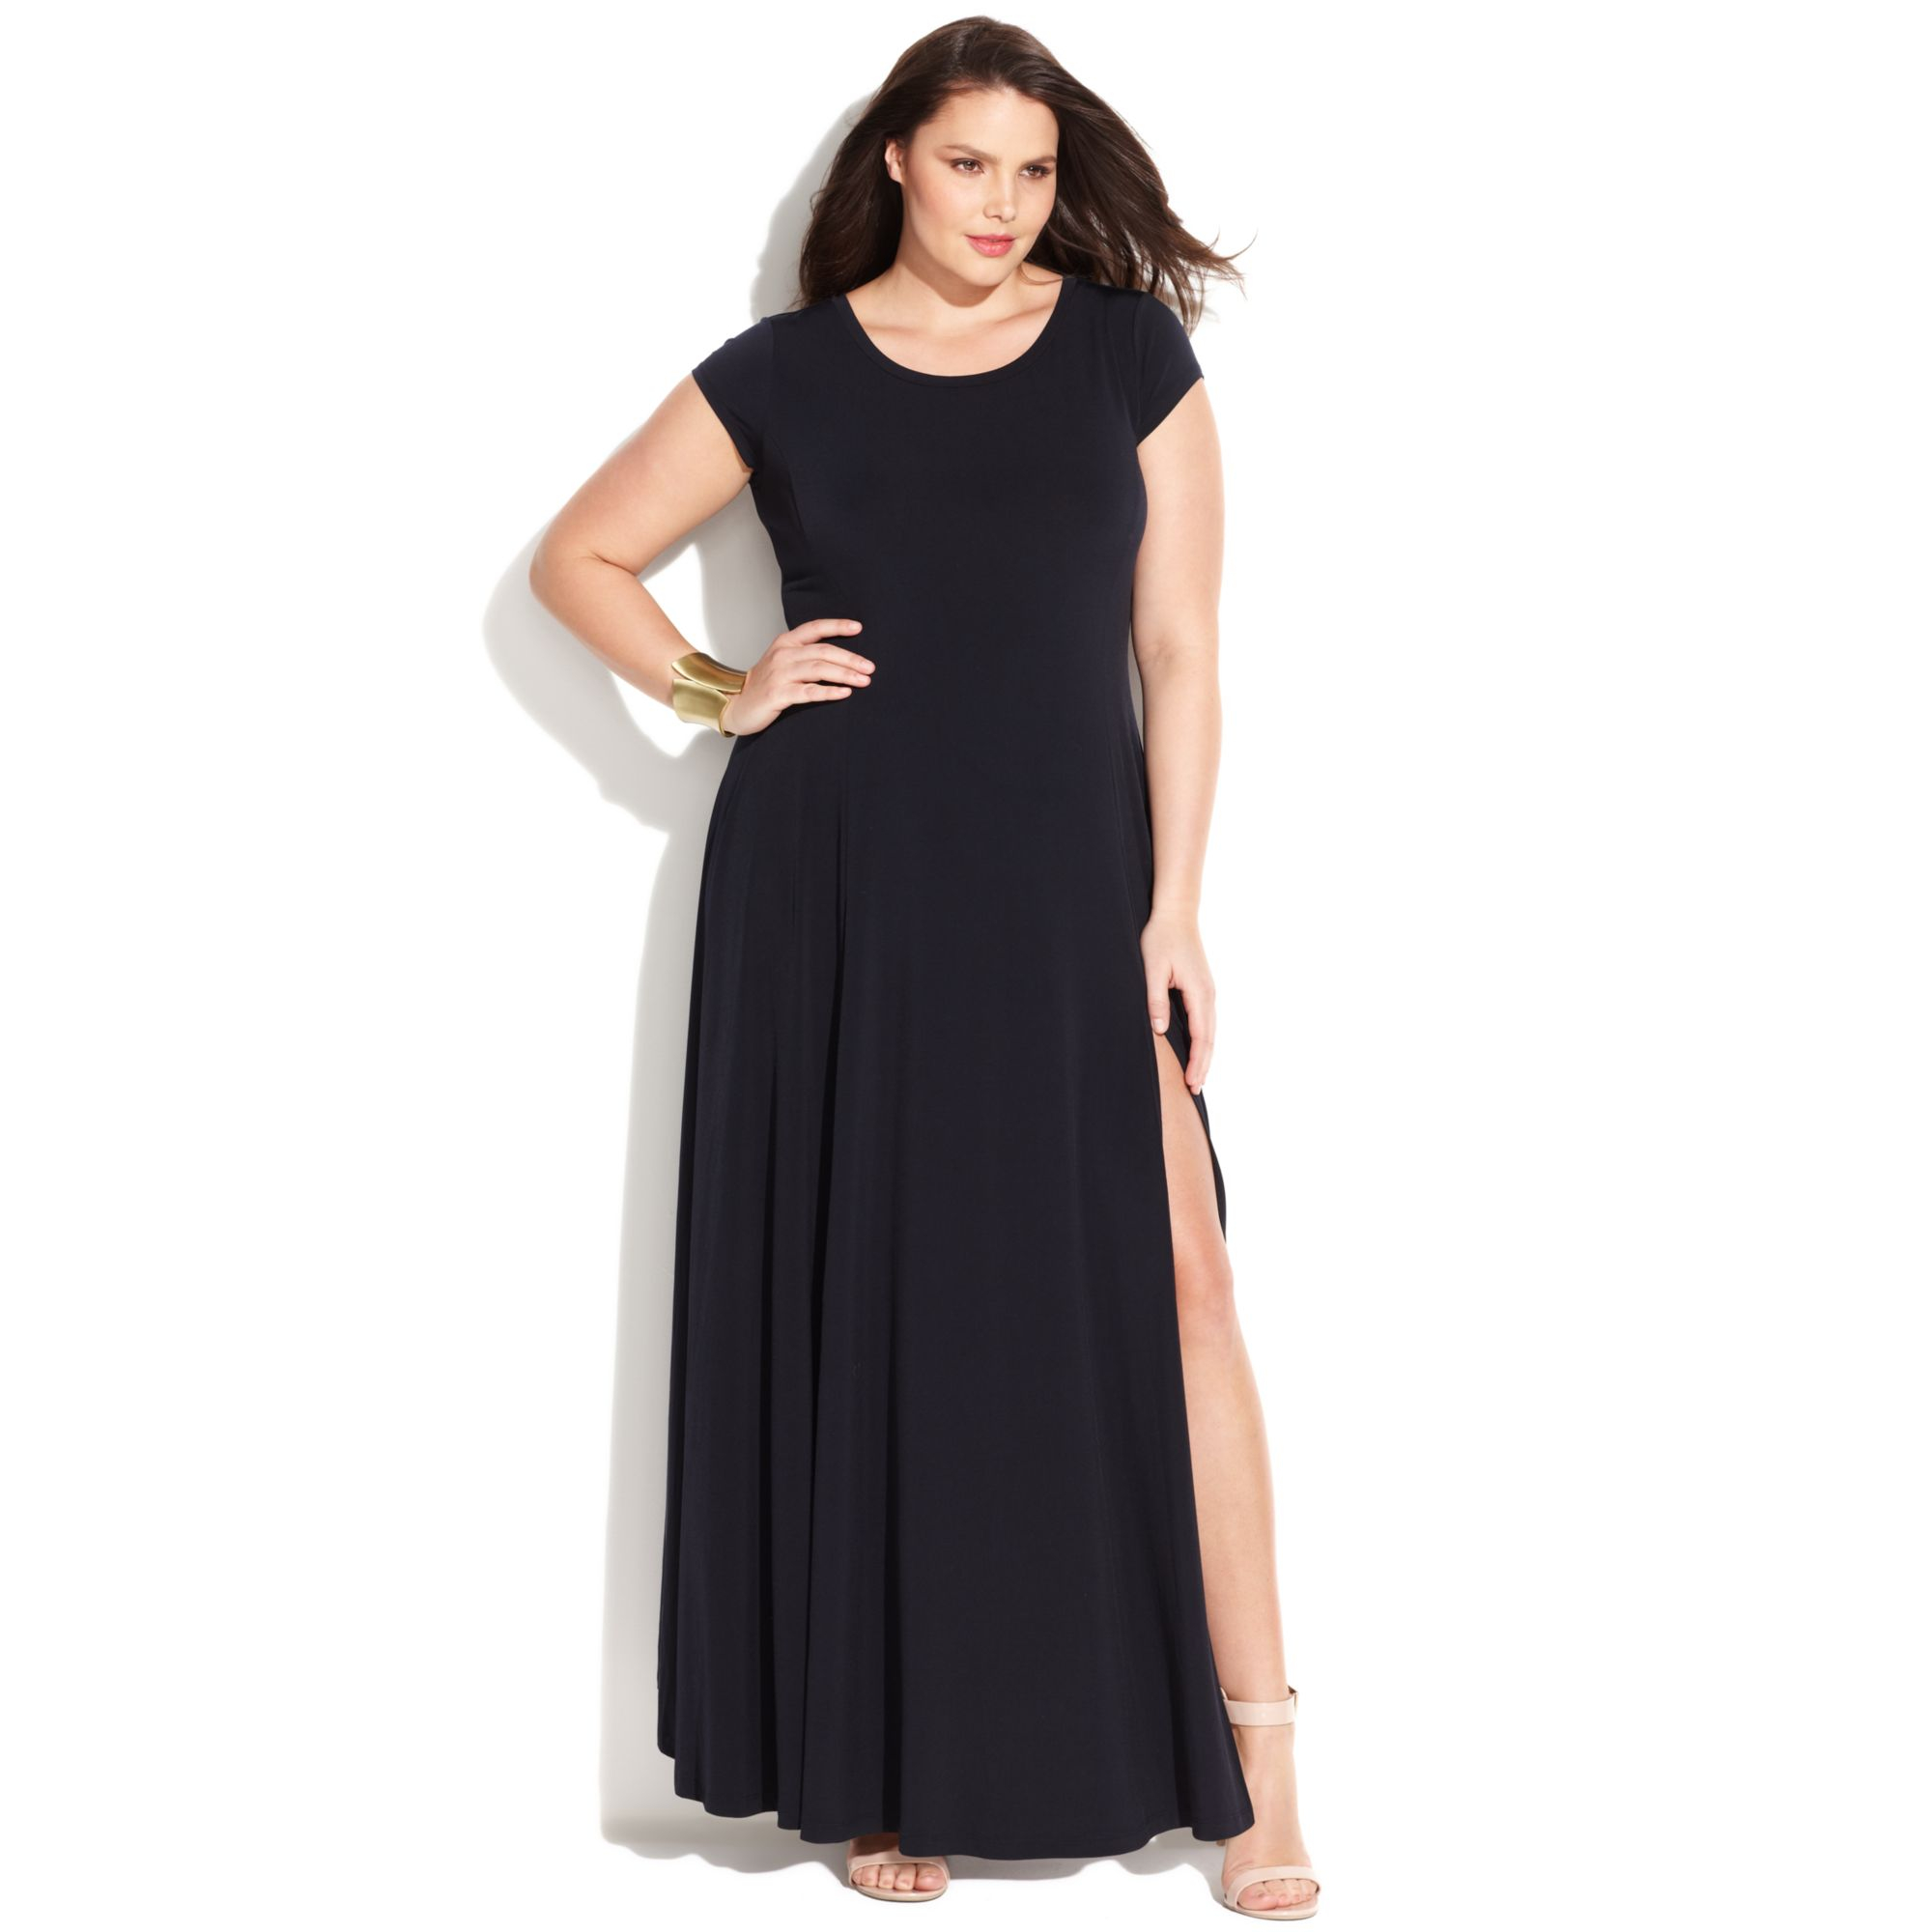 plus size clothes black